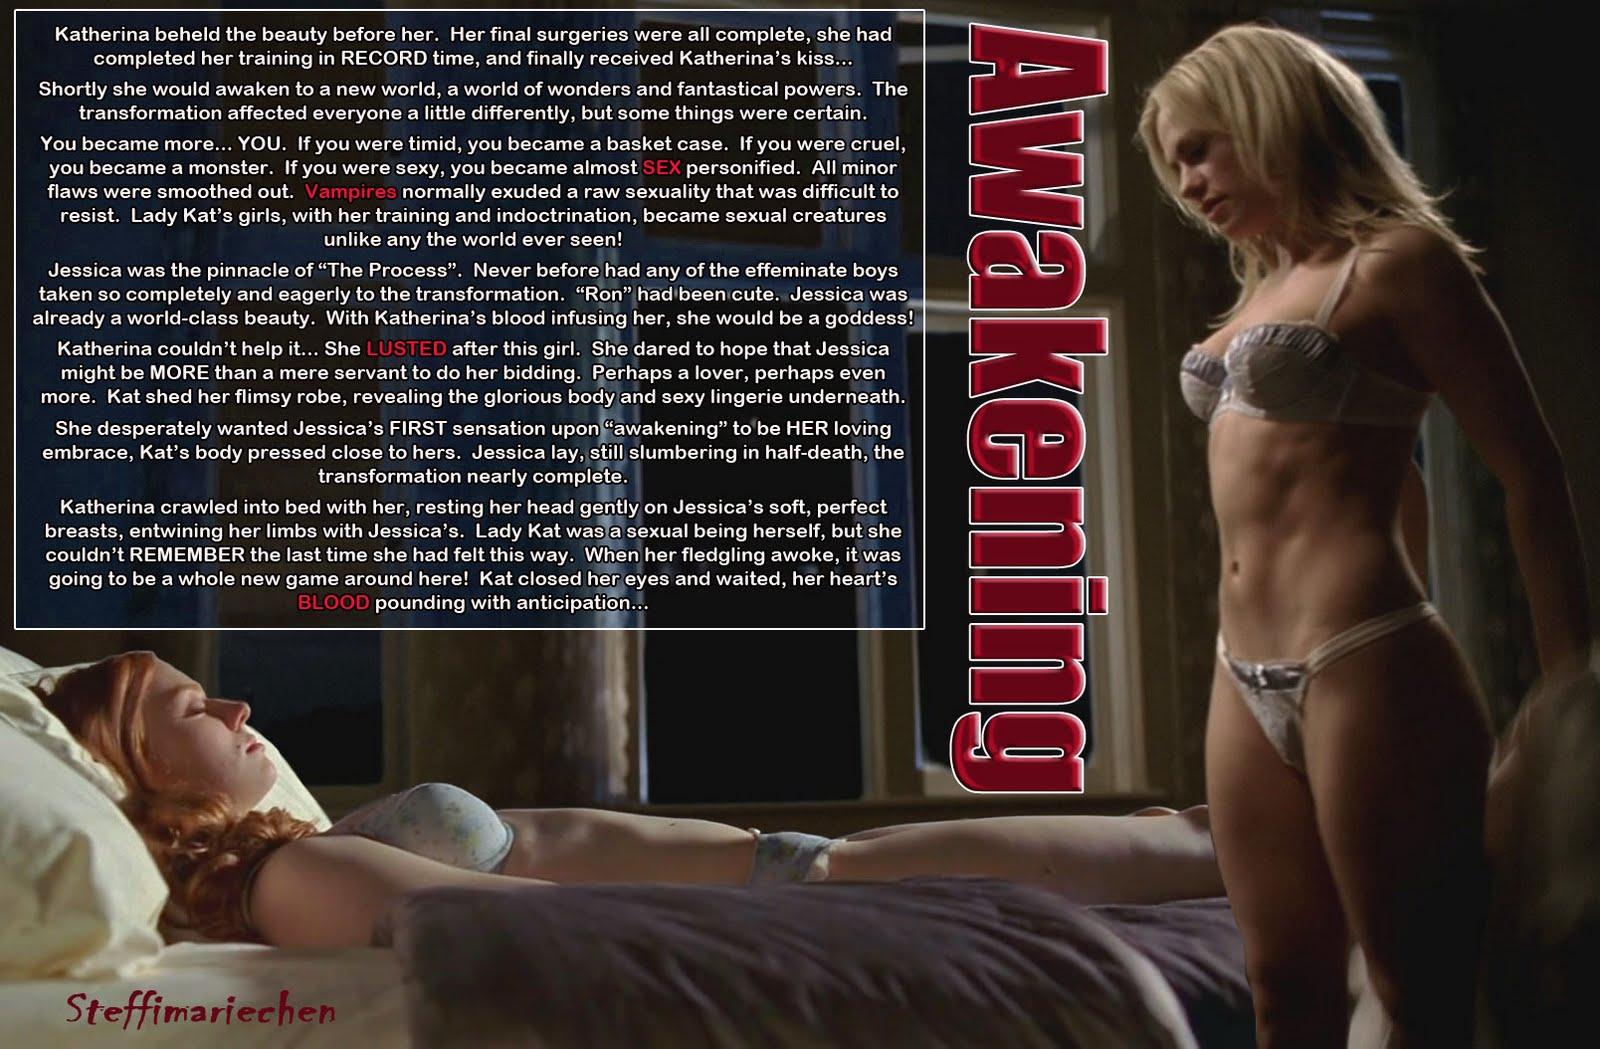 http://2.bp.blogspot.com/-JPzQTWk7JbI/TxaEguAvDJI/AAAAAAAAEE4/th0-2fWtZGw/s1600/Awakening.jpg